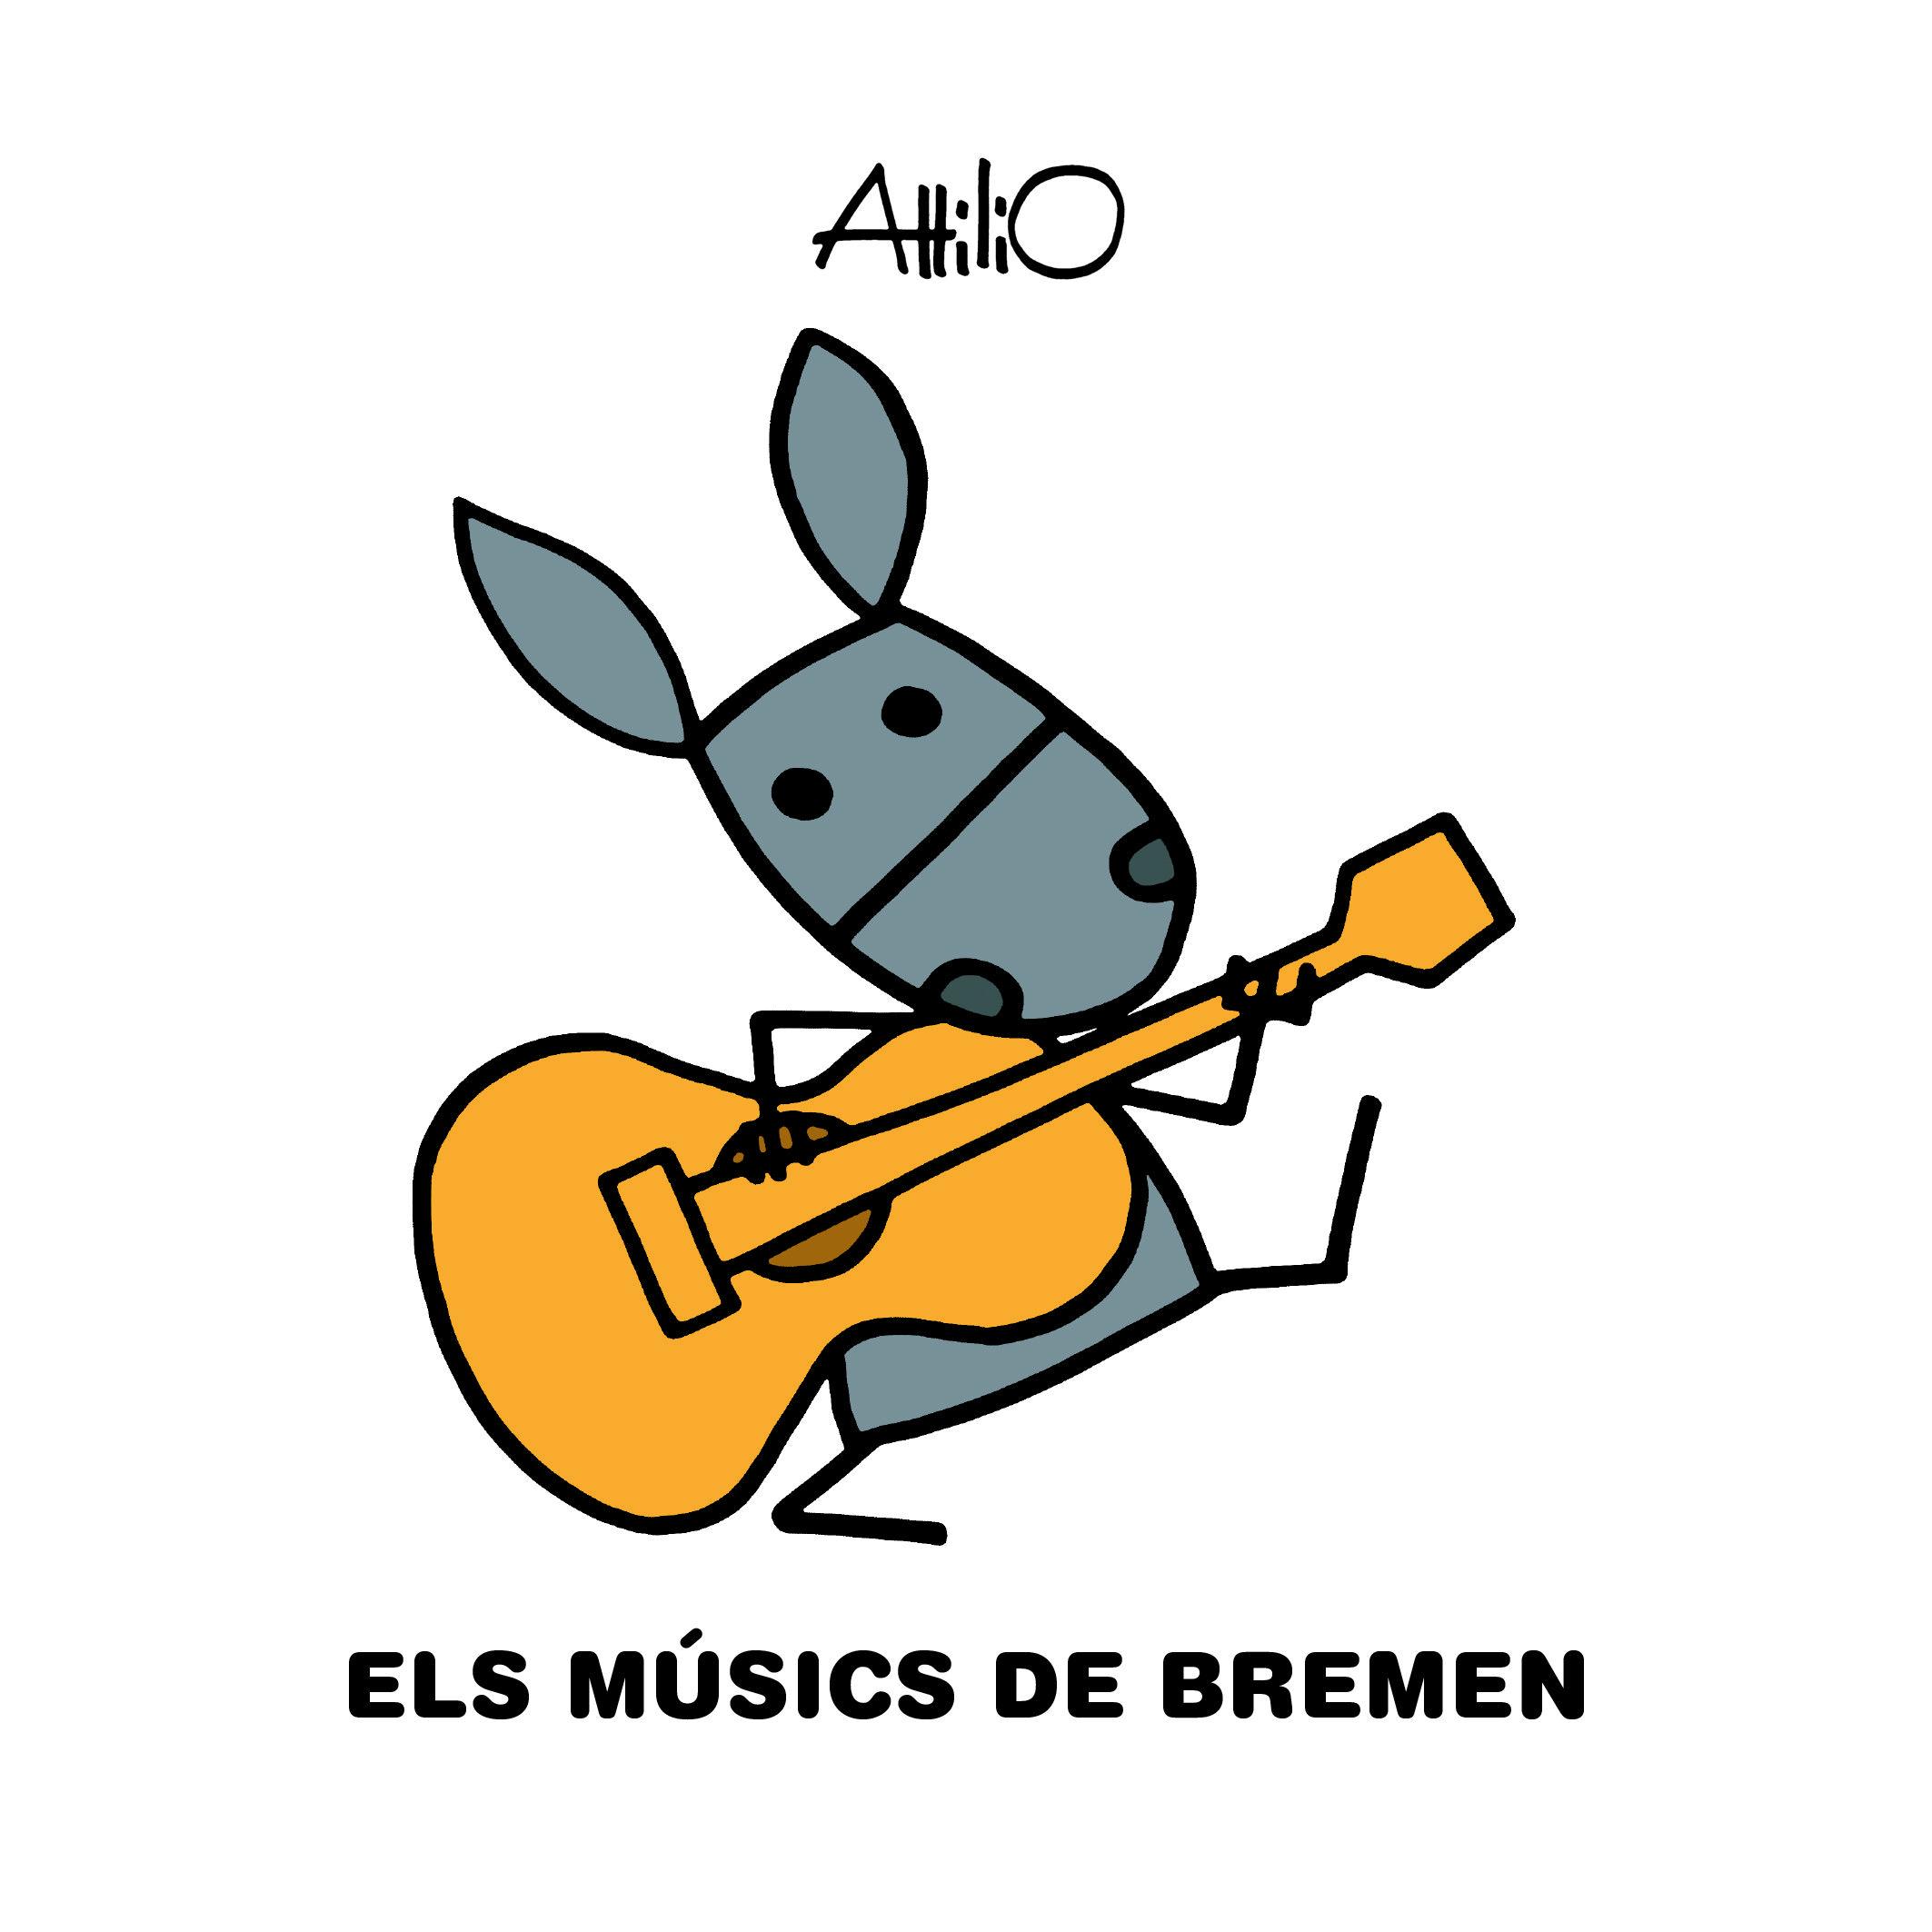 MUSICS DE BREMEN ELS